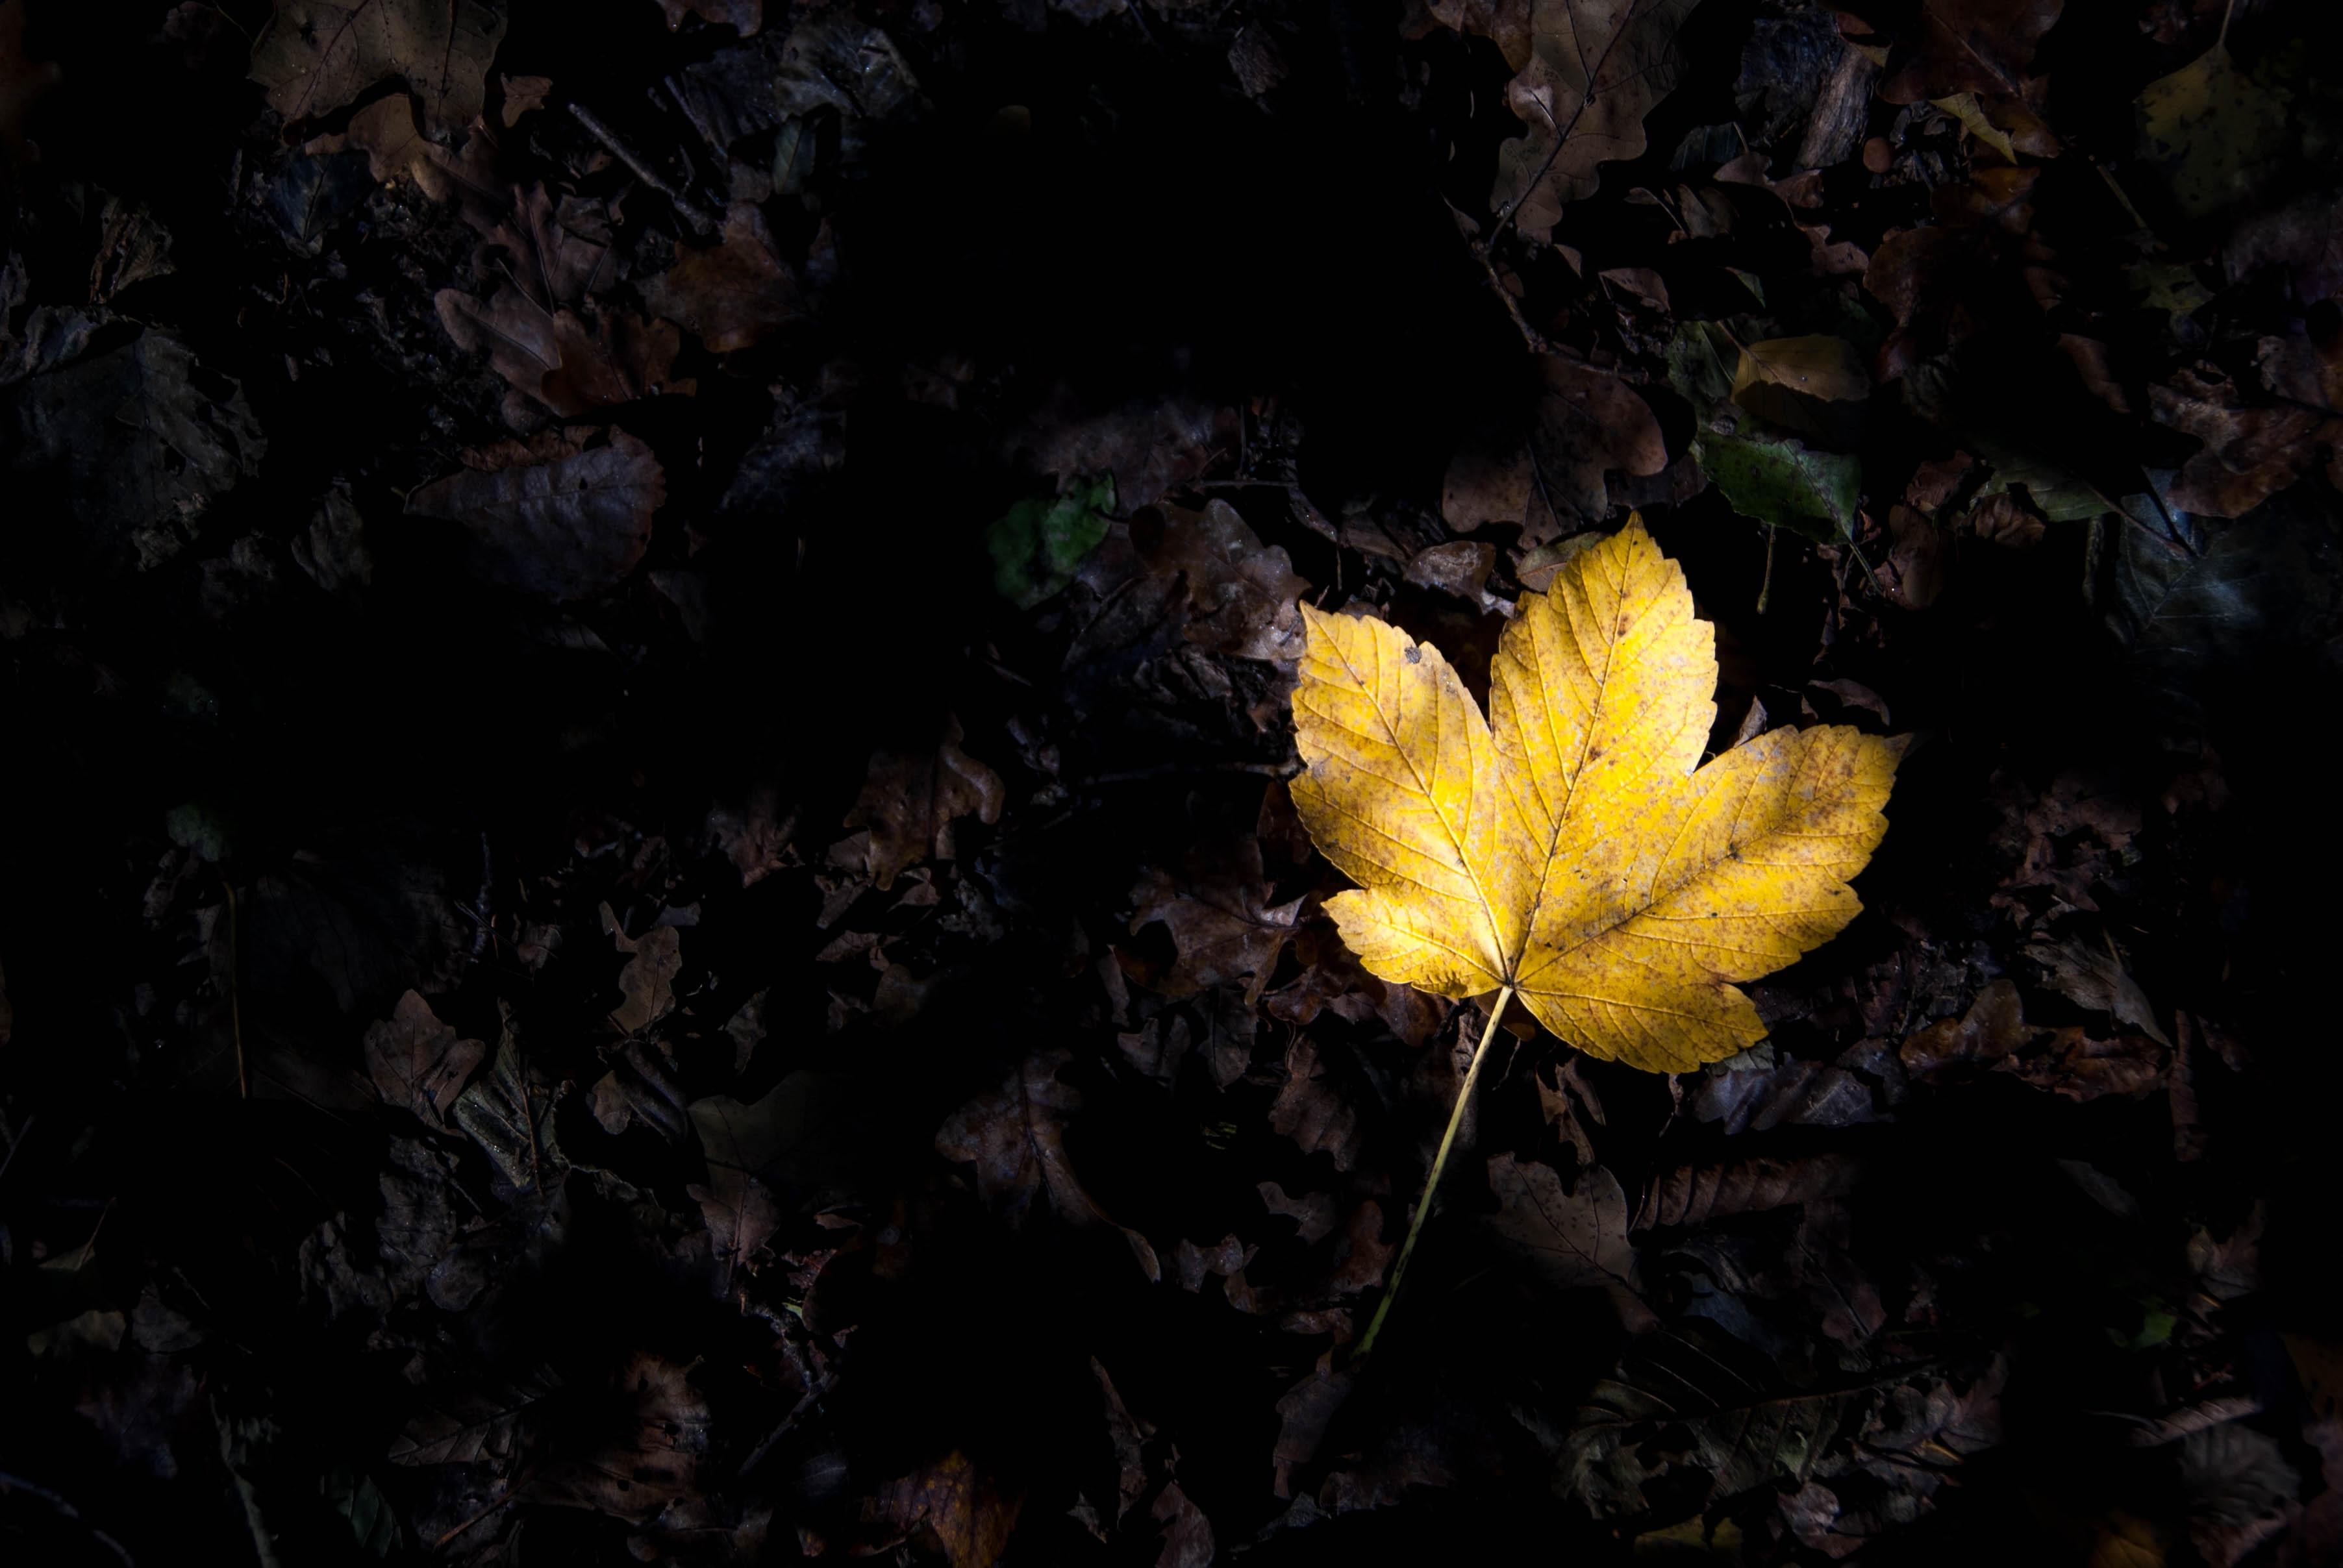 Assez Images Gratuites : arbre, la nature, forêt, branche, nuit, lumière  TM11